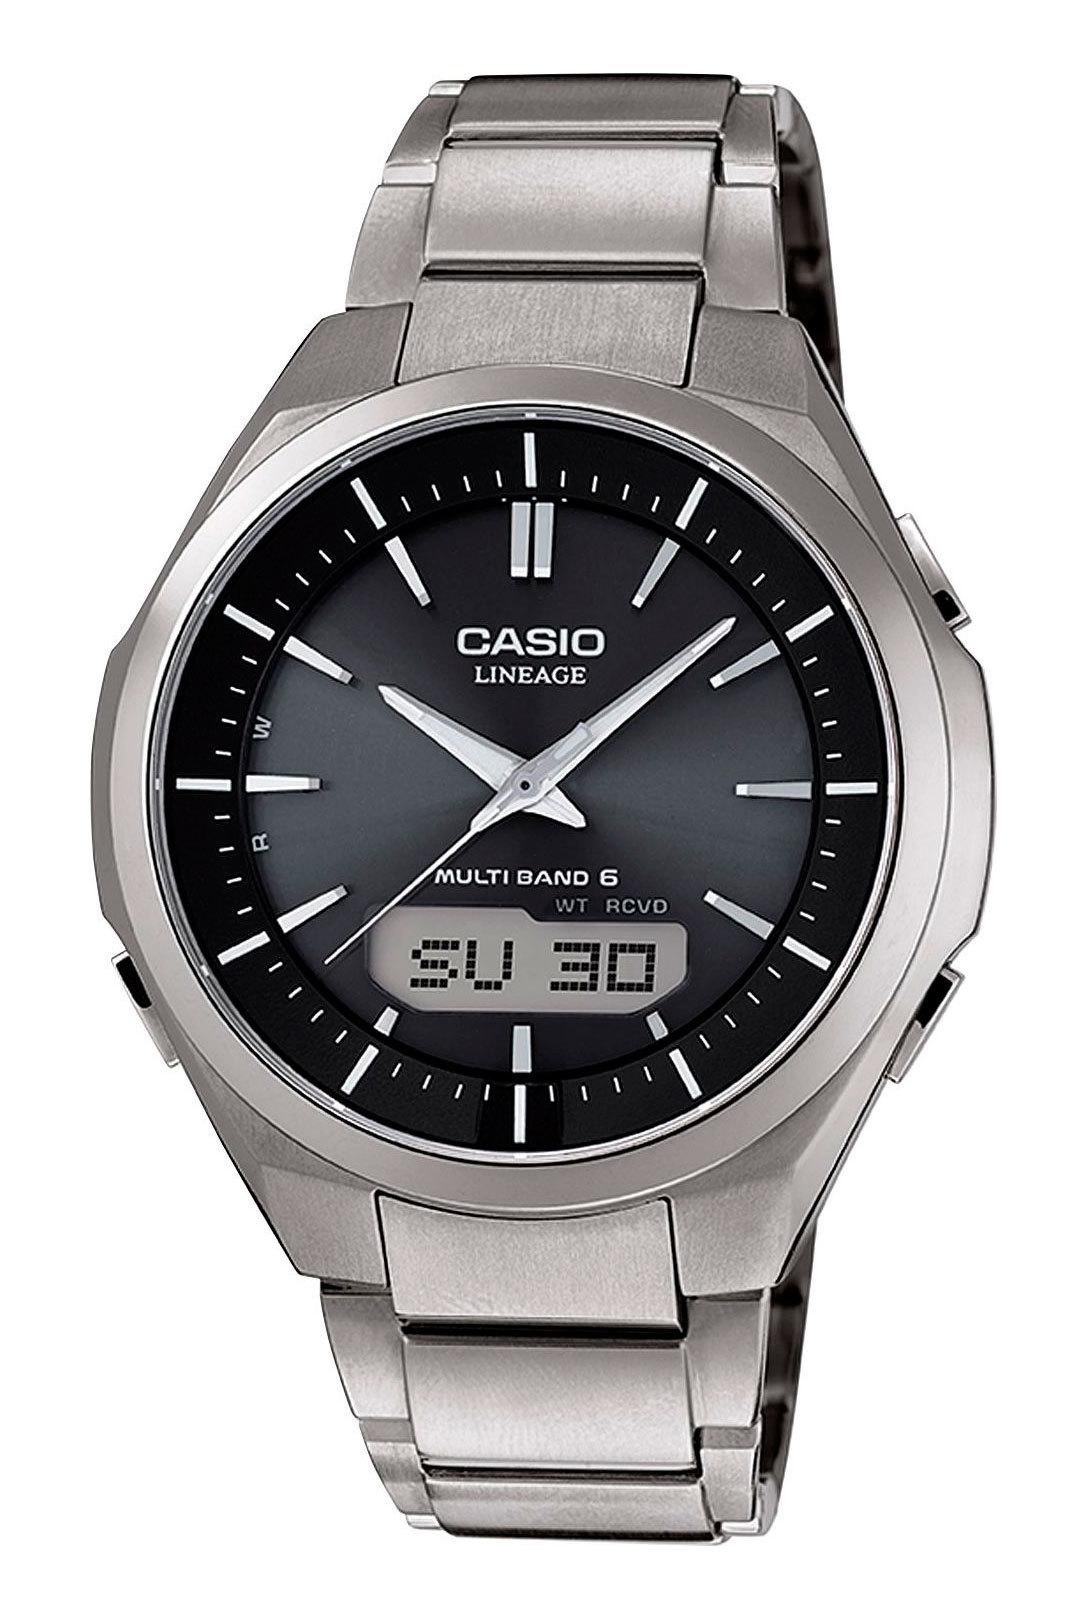 Casio Lineage LCW-M500TD-1A / LCW-M500TD-1AER - мужские наручные часыCasio<br><br><br>Бренд: Casio<br>Модель: Casio LCW-M500TD-1A<br>Артикул: LCW-M500TD-1A<br>Вариант артикула: LCW-M500TD-1AER<br>Коллекция: Lineage<br>Подколлекция: None<br>Страна: Япония<br>Пол: мужские<br>Тип механизма: кварцевые<br>Механизм: None<br>Количество камней: None<br>Автоподзавод: None<br>Источник энергии: от солнечной батареи<br>Срок службы элемента питания: None<br>Дисплей: стрелки + цифры<br>Цифры: отсутствуют<br>Водозащита: WR 100<br>Противоударные: None<br>Материал корпуса: титан<br>Материал браслета: титан<br>Материал безеля: None<br>Стекло: сапфировое<br>Антибликовое покрытие: None<br>Цвет корпуса: None<br>Цвет браслета: None<br>Цвет циферблата: None<br>Цвет безеля: None<br>Размеры: 42.8x47x10 мм<br>Диаметр: None<br>Диаметр корпуса: None<br>Толщина: None<br>Ширина ремешка: None<br>Вес: 87 г<br>Спорт-функции: секундомер, таймер обратного отсчета<br>Подсветка: дисплея, стрелок<br>Вставка: None<br>Отображение даты: вечный календарь, число, день недели<br>Хронограф: None<br>Таймер: None<br>Термометр: None<br>Хронометр: None<br>GPS: None<br>Радиосинхронизация: None<br>Барометр: None<br>Скелетон: None<br>Дополнительная информация: функция включения/отключения звука кнопок, ежечасный сигнал<br>Дополнительные функции: индикатор запаса хода, второй часовой пояс, будильник (количество установок: 5)